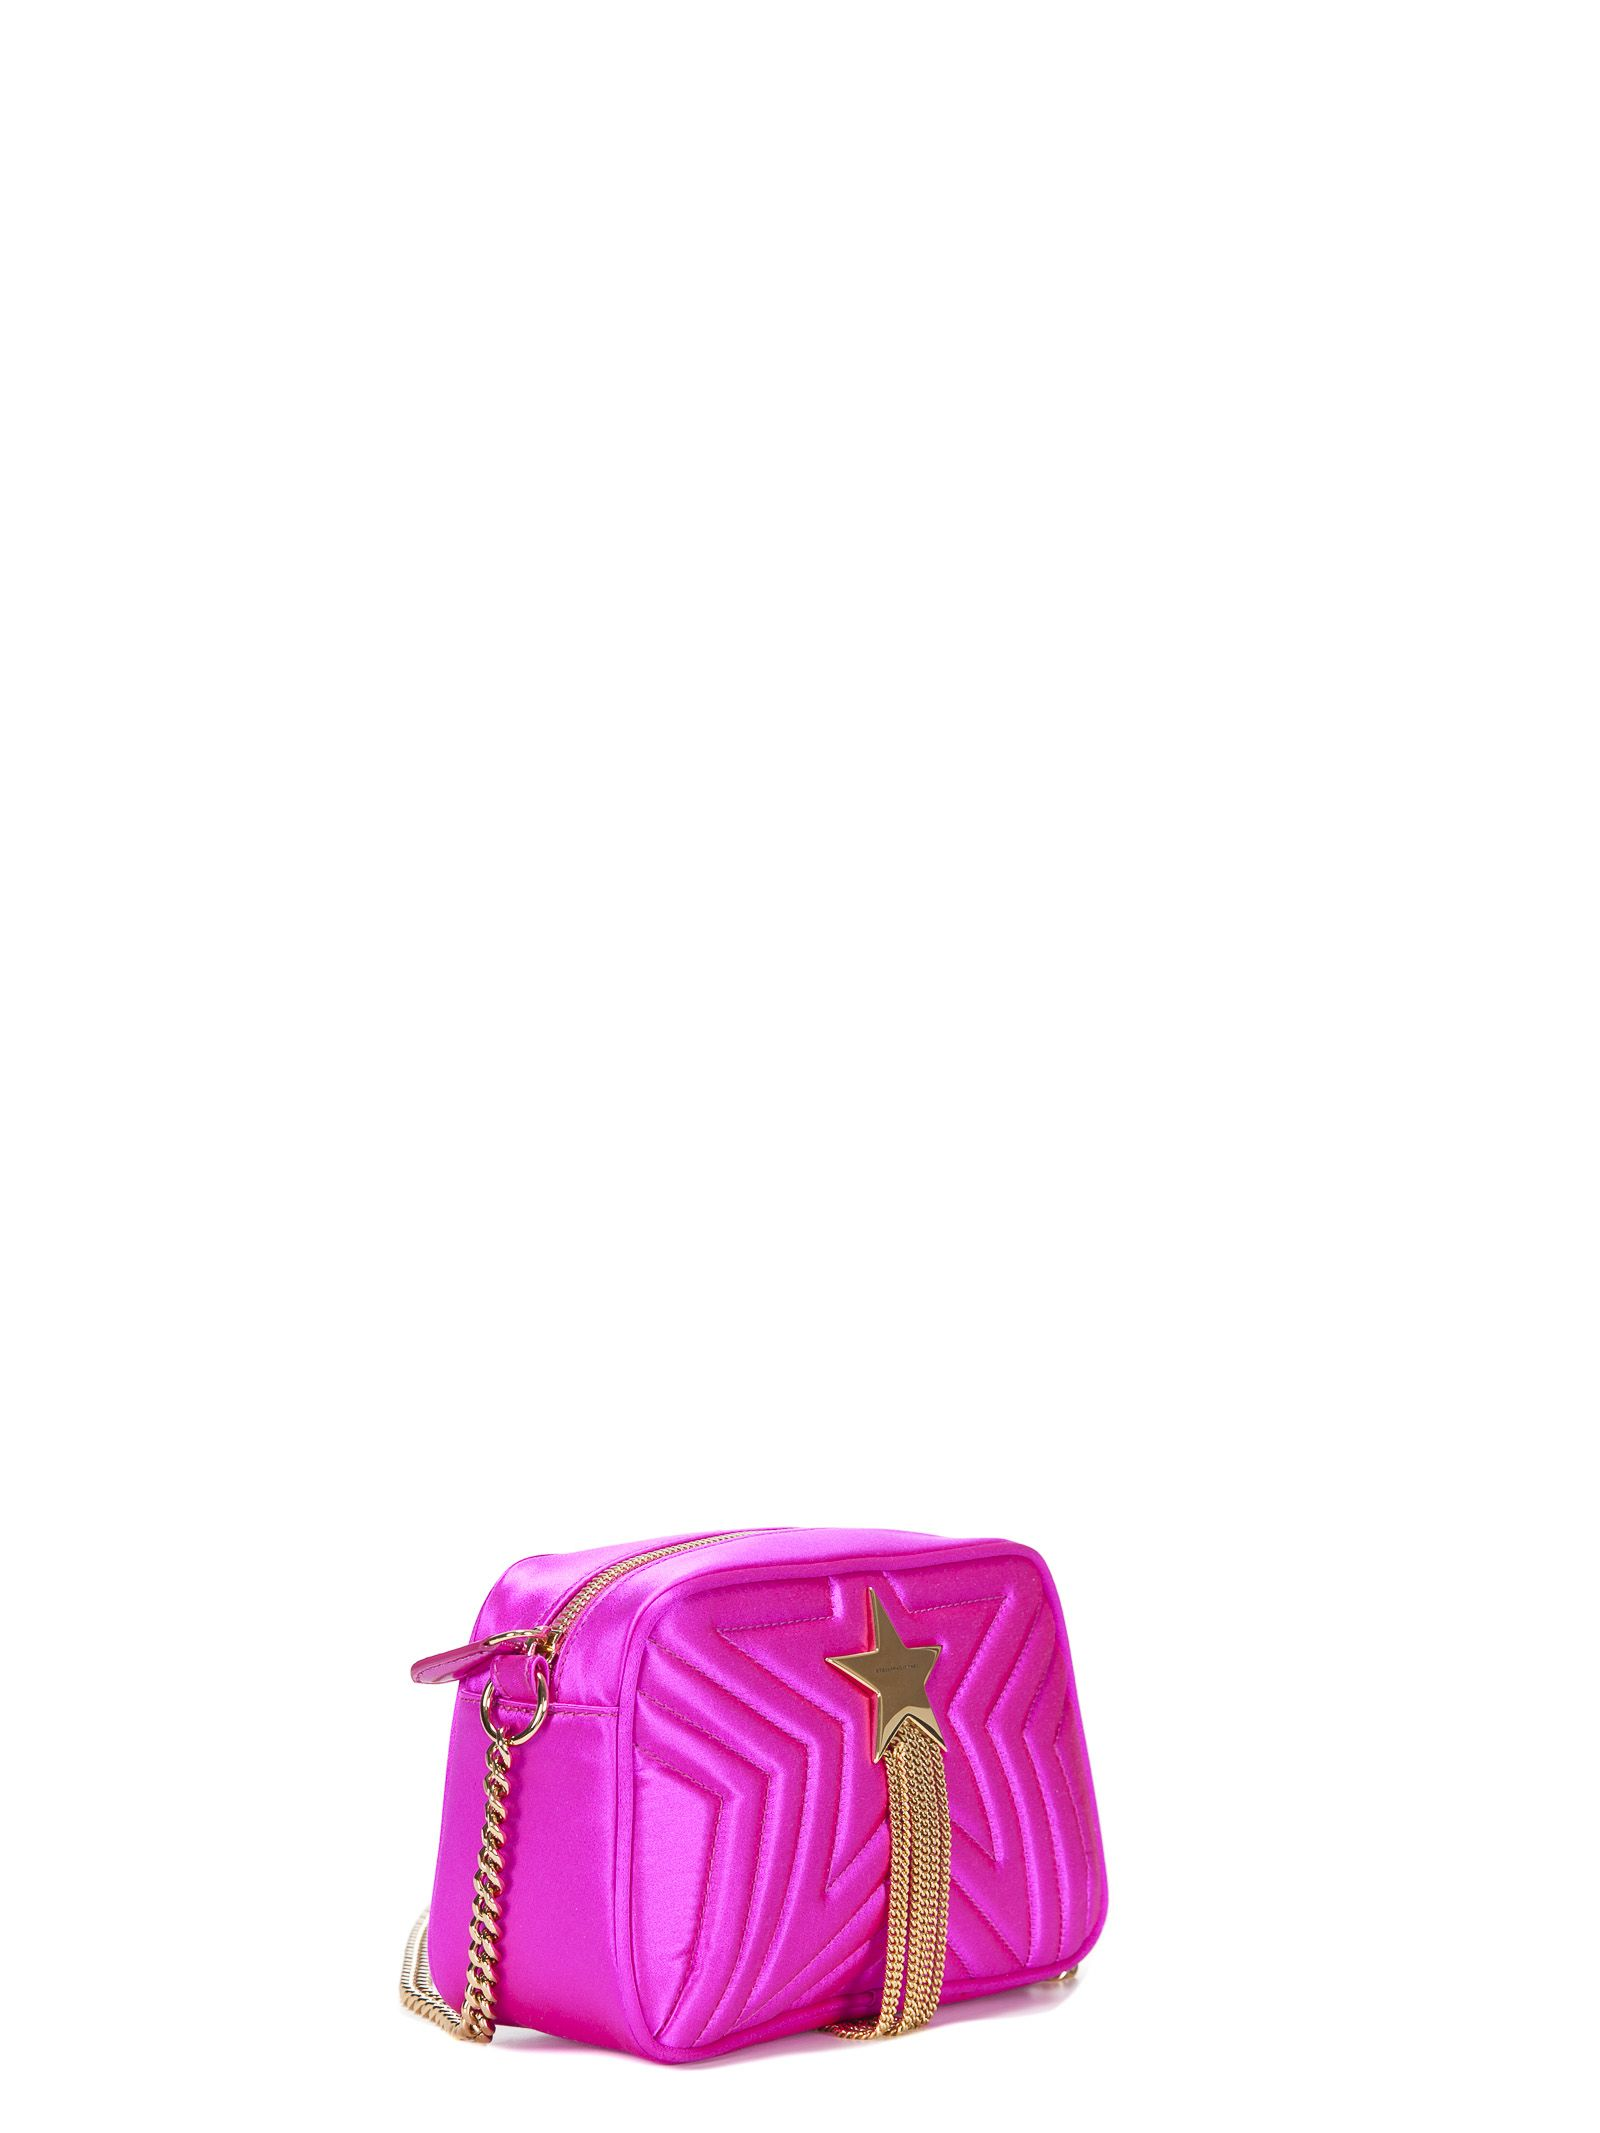 ... Stella McCartney Stella Star Shoulder Bag - 5615 ... 757cfd97f98a6